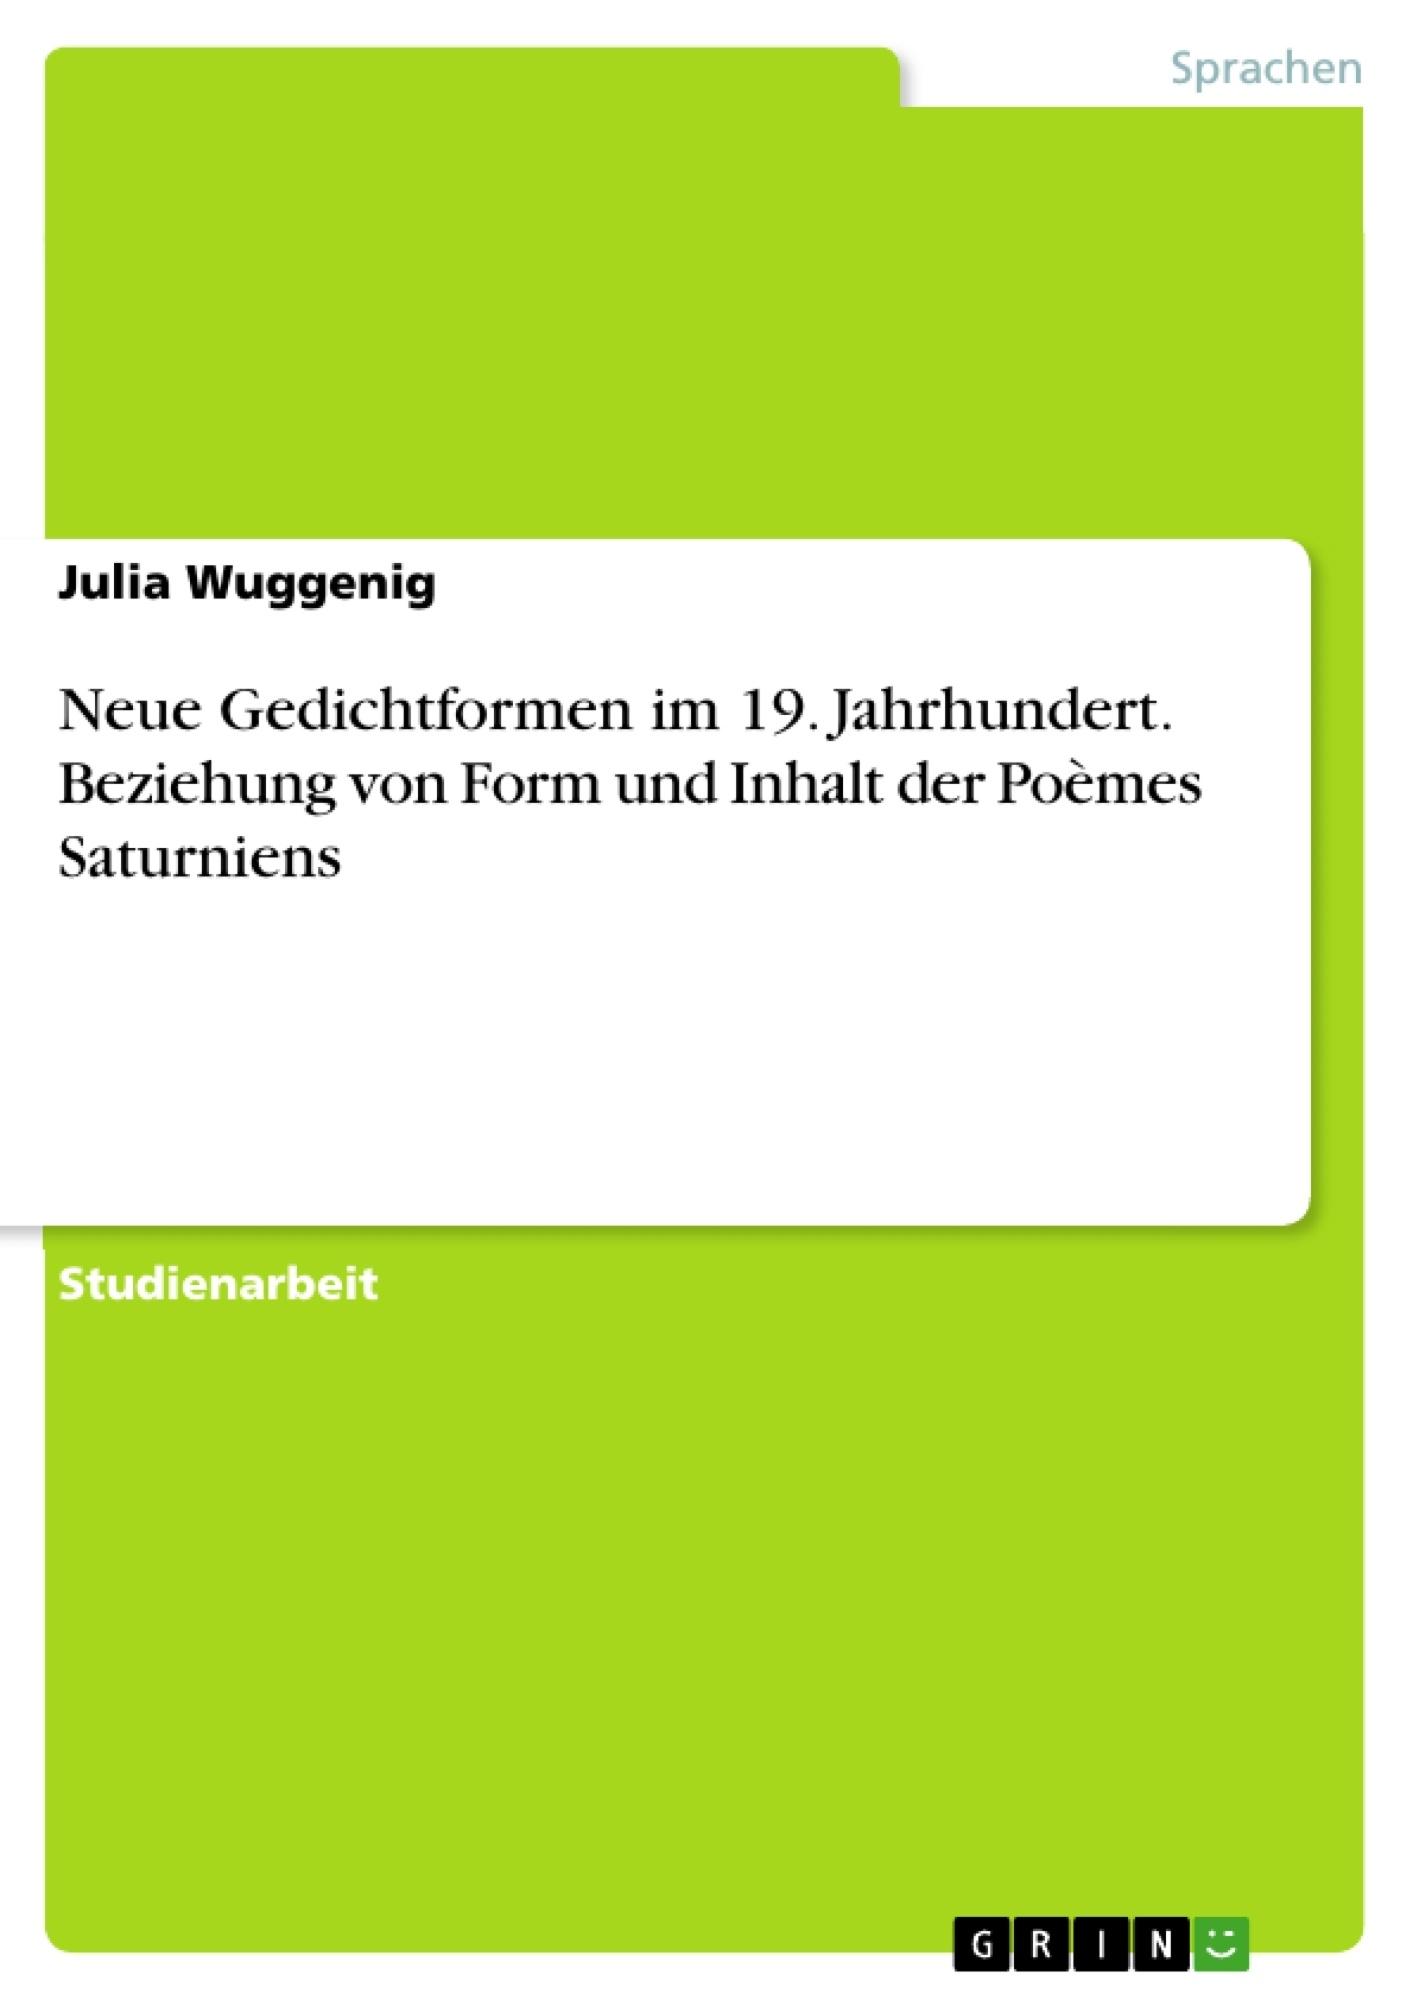 Titel: Neue Gedichtformen im 19. Jahrhundert. Beziehung von Form und Inhalt der Poèmes Saturniens